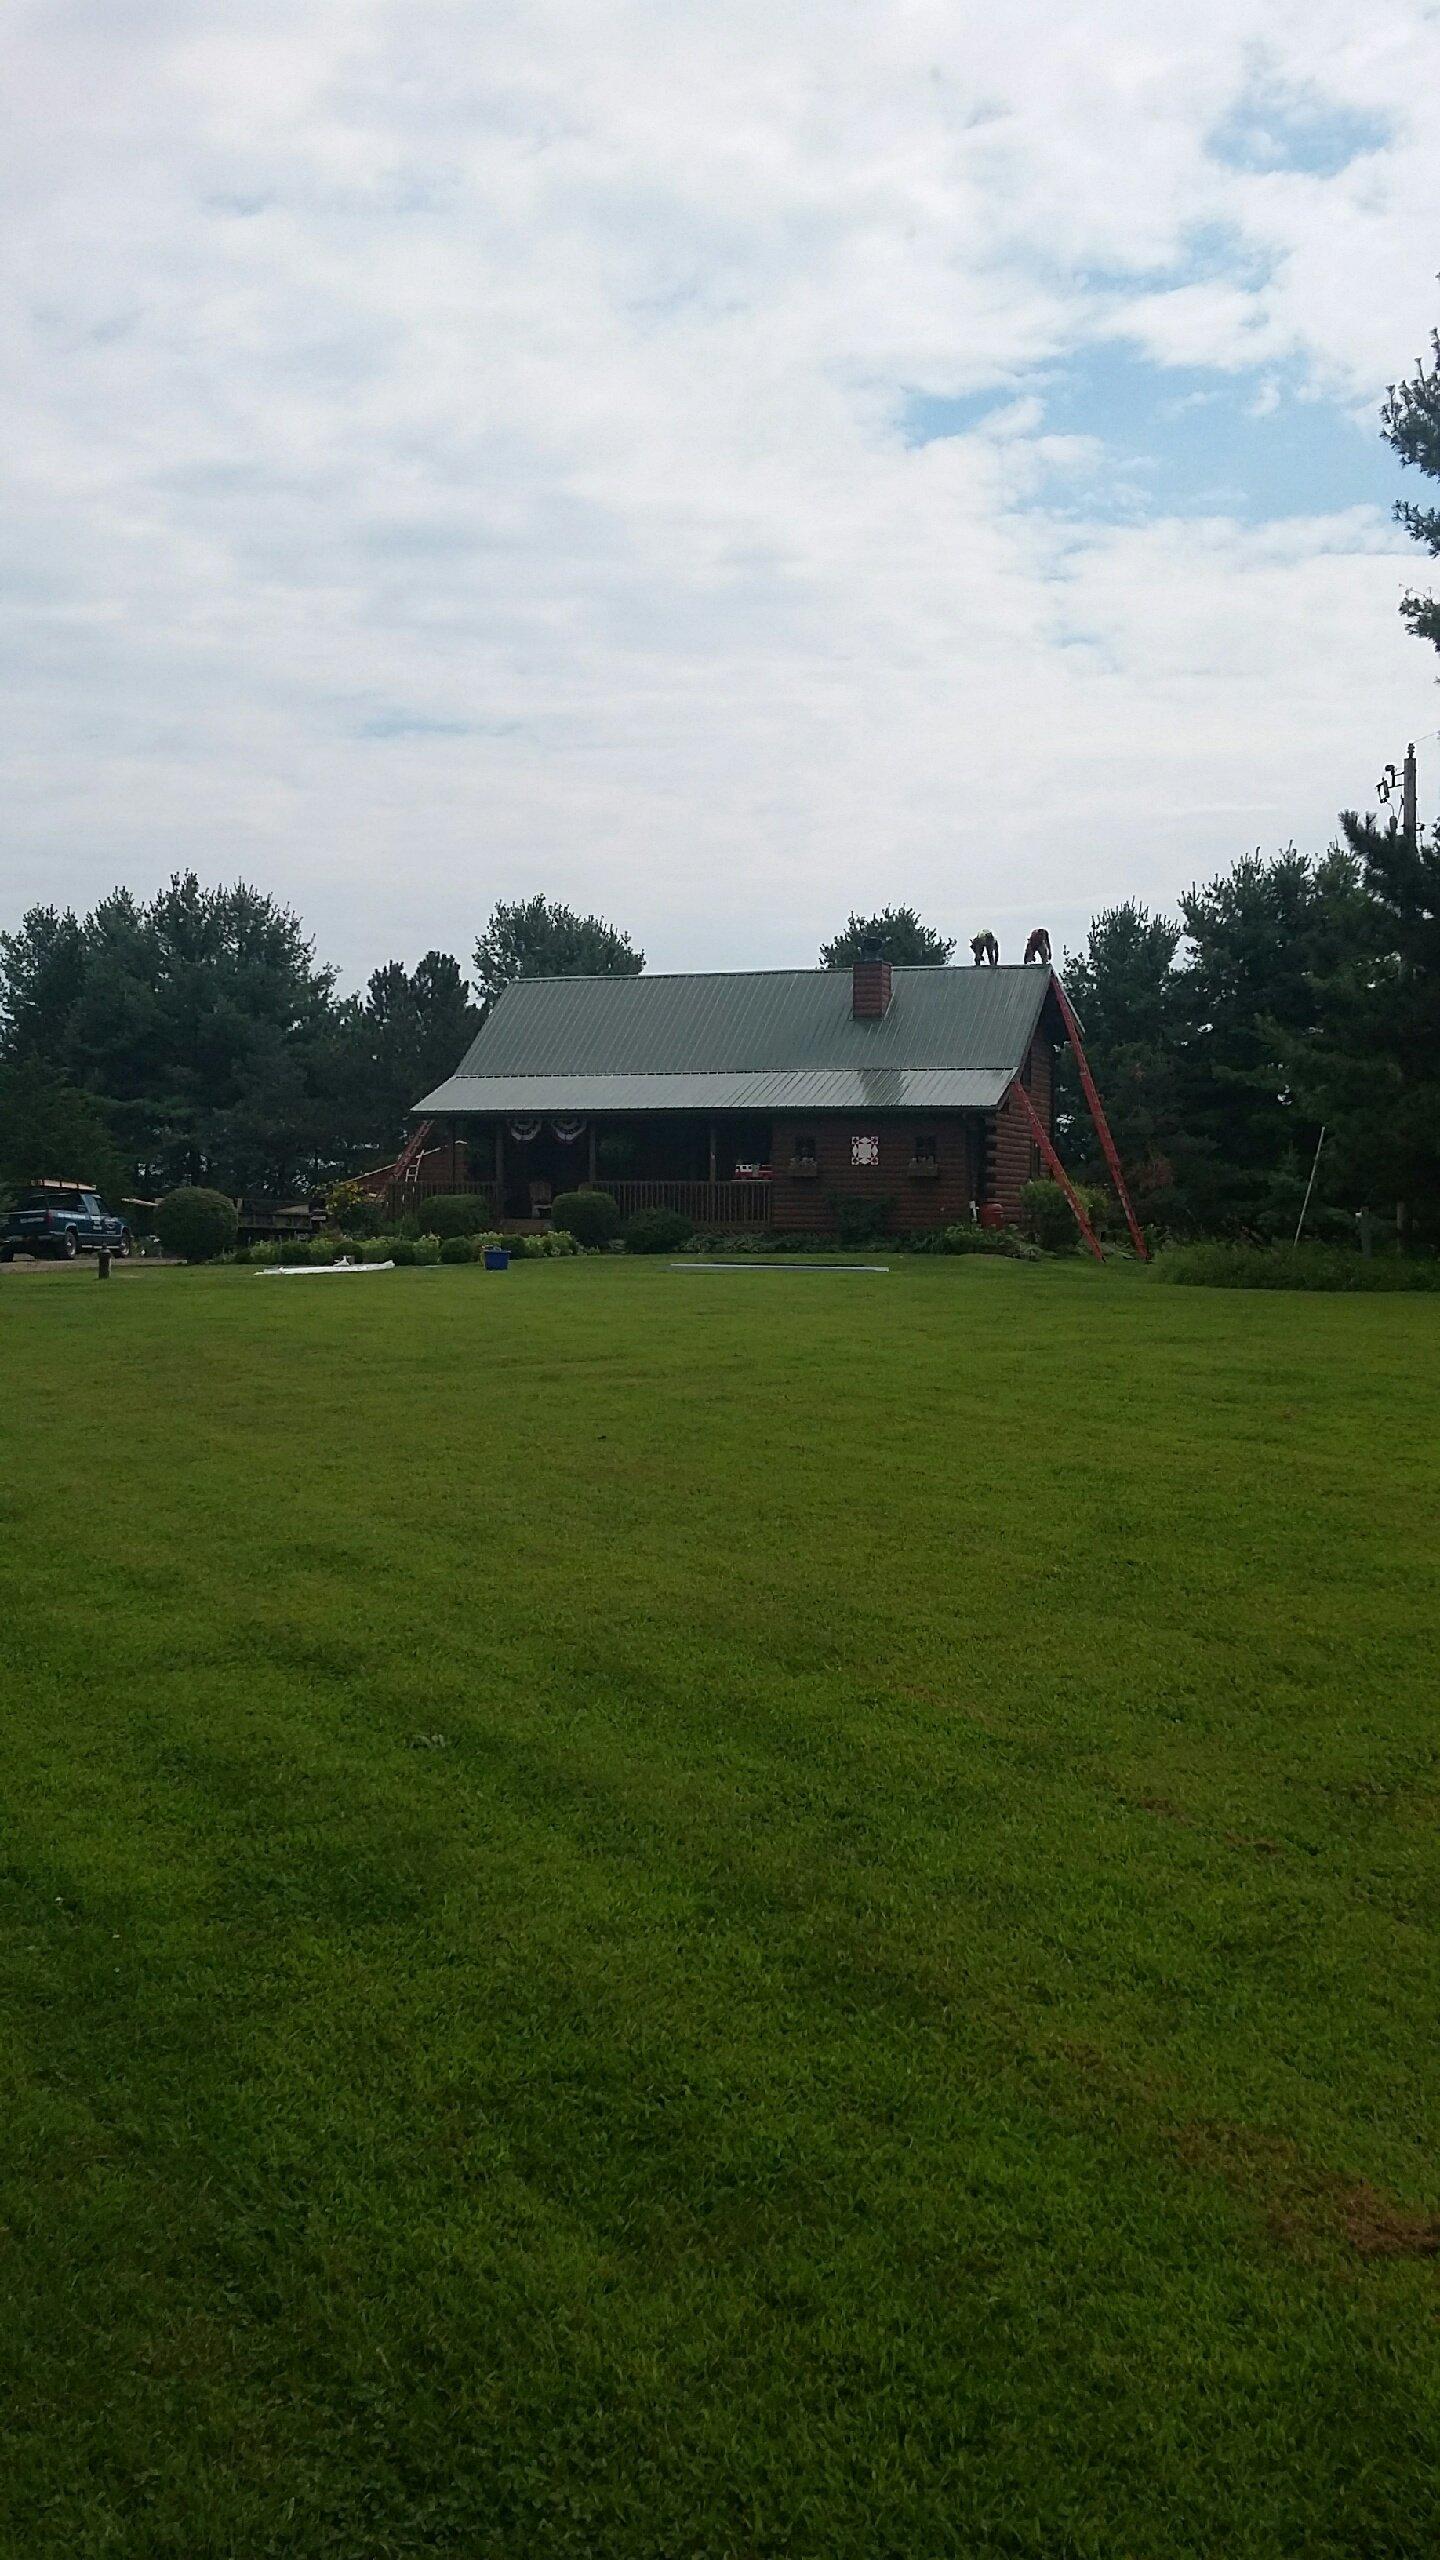 House & Lawn